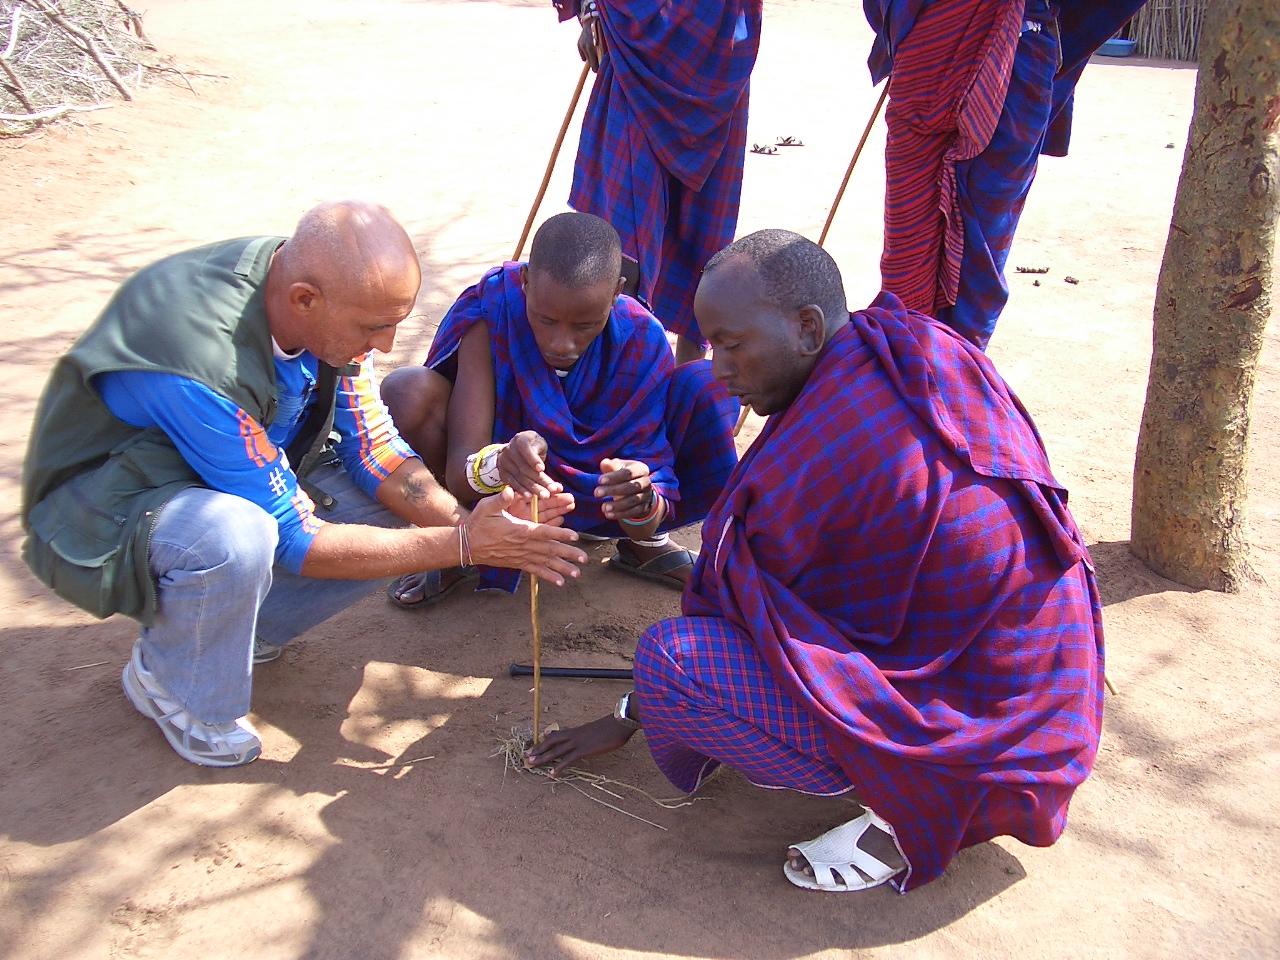 Incontro con i Masai nella strada che porta al mare